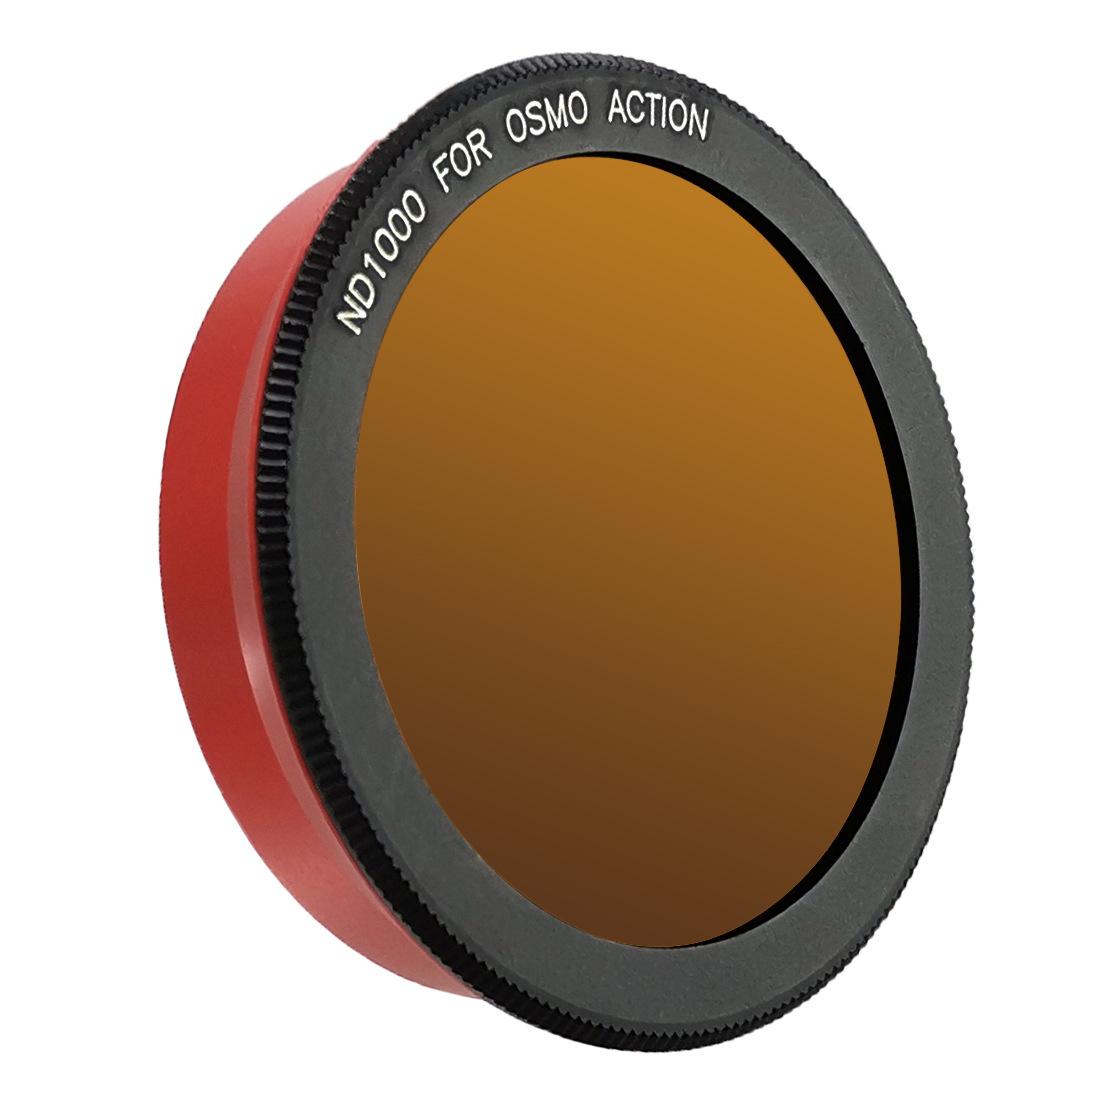 Camera Lens Filter for DJI Osmo Action Cameras UV CPL Lens High Light Transmittance Low Reflectance ND1000 lens filter